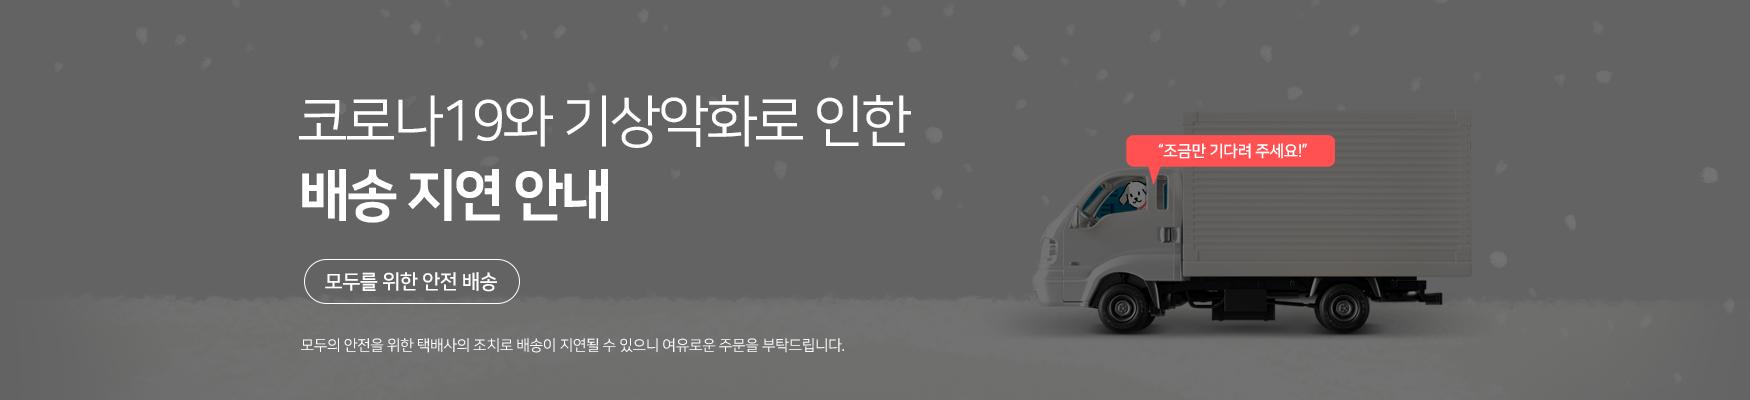 [배송공지] 배송지연공지